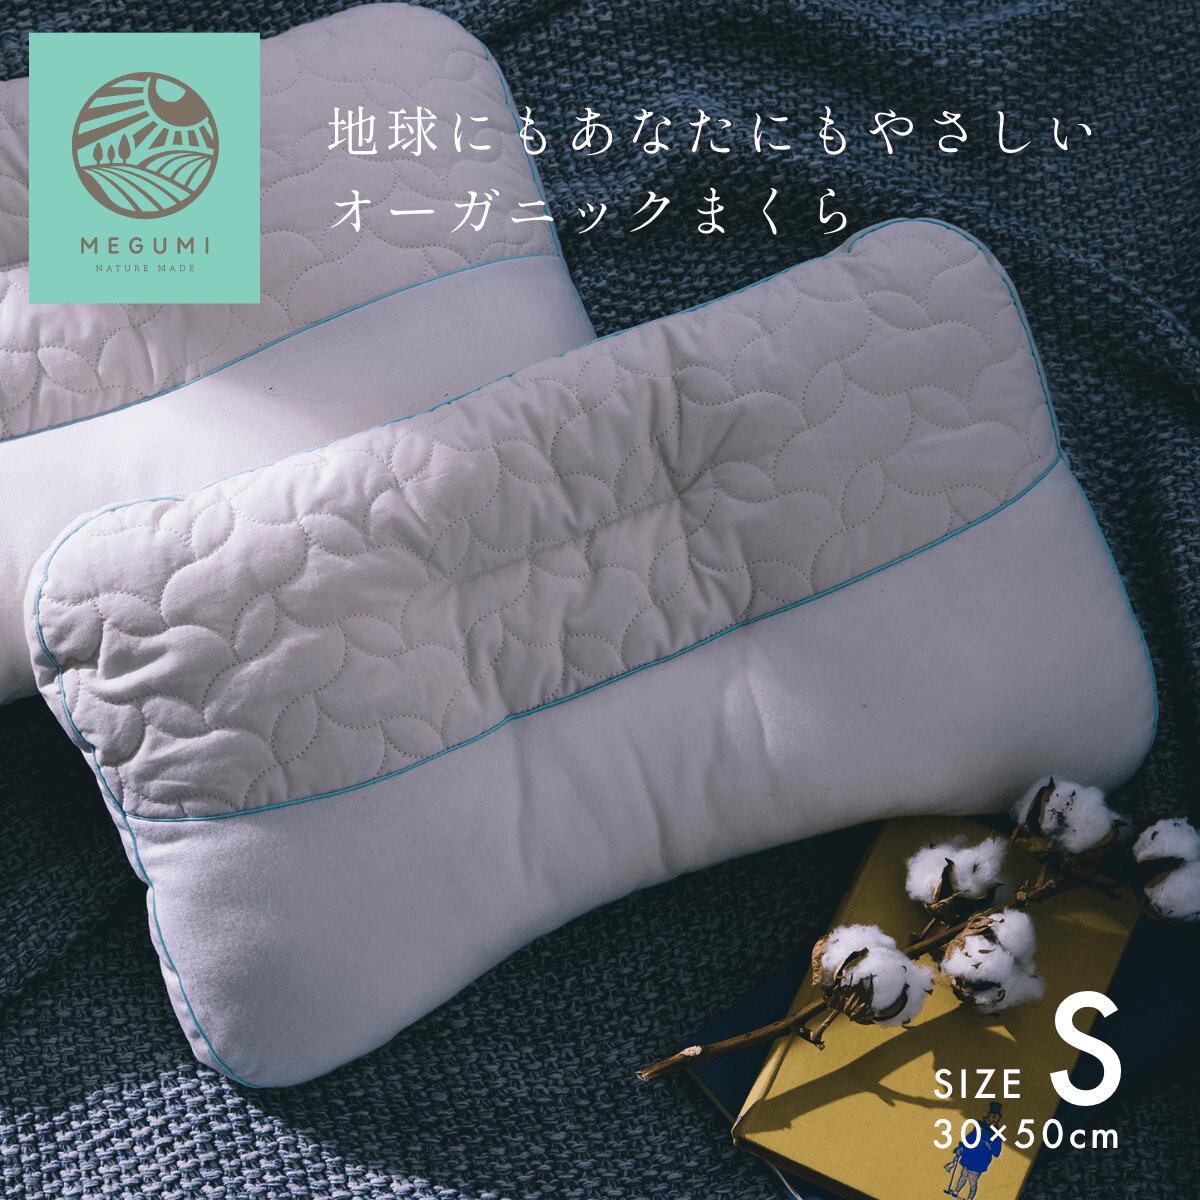 枕・抱き枕, 枕 51P11 megumi 30x50